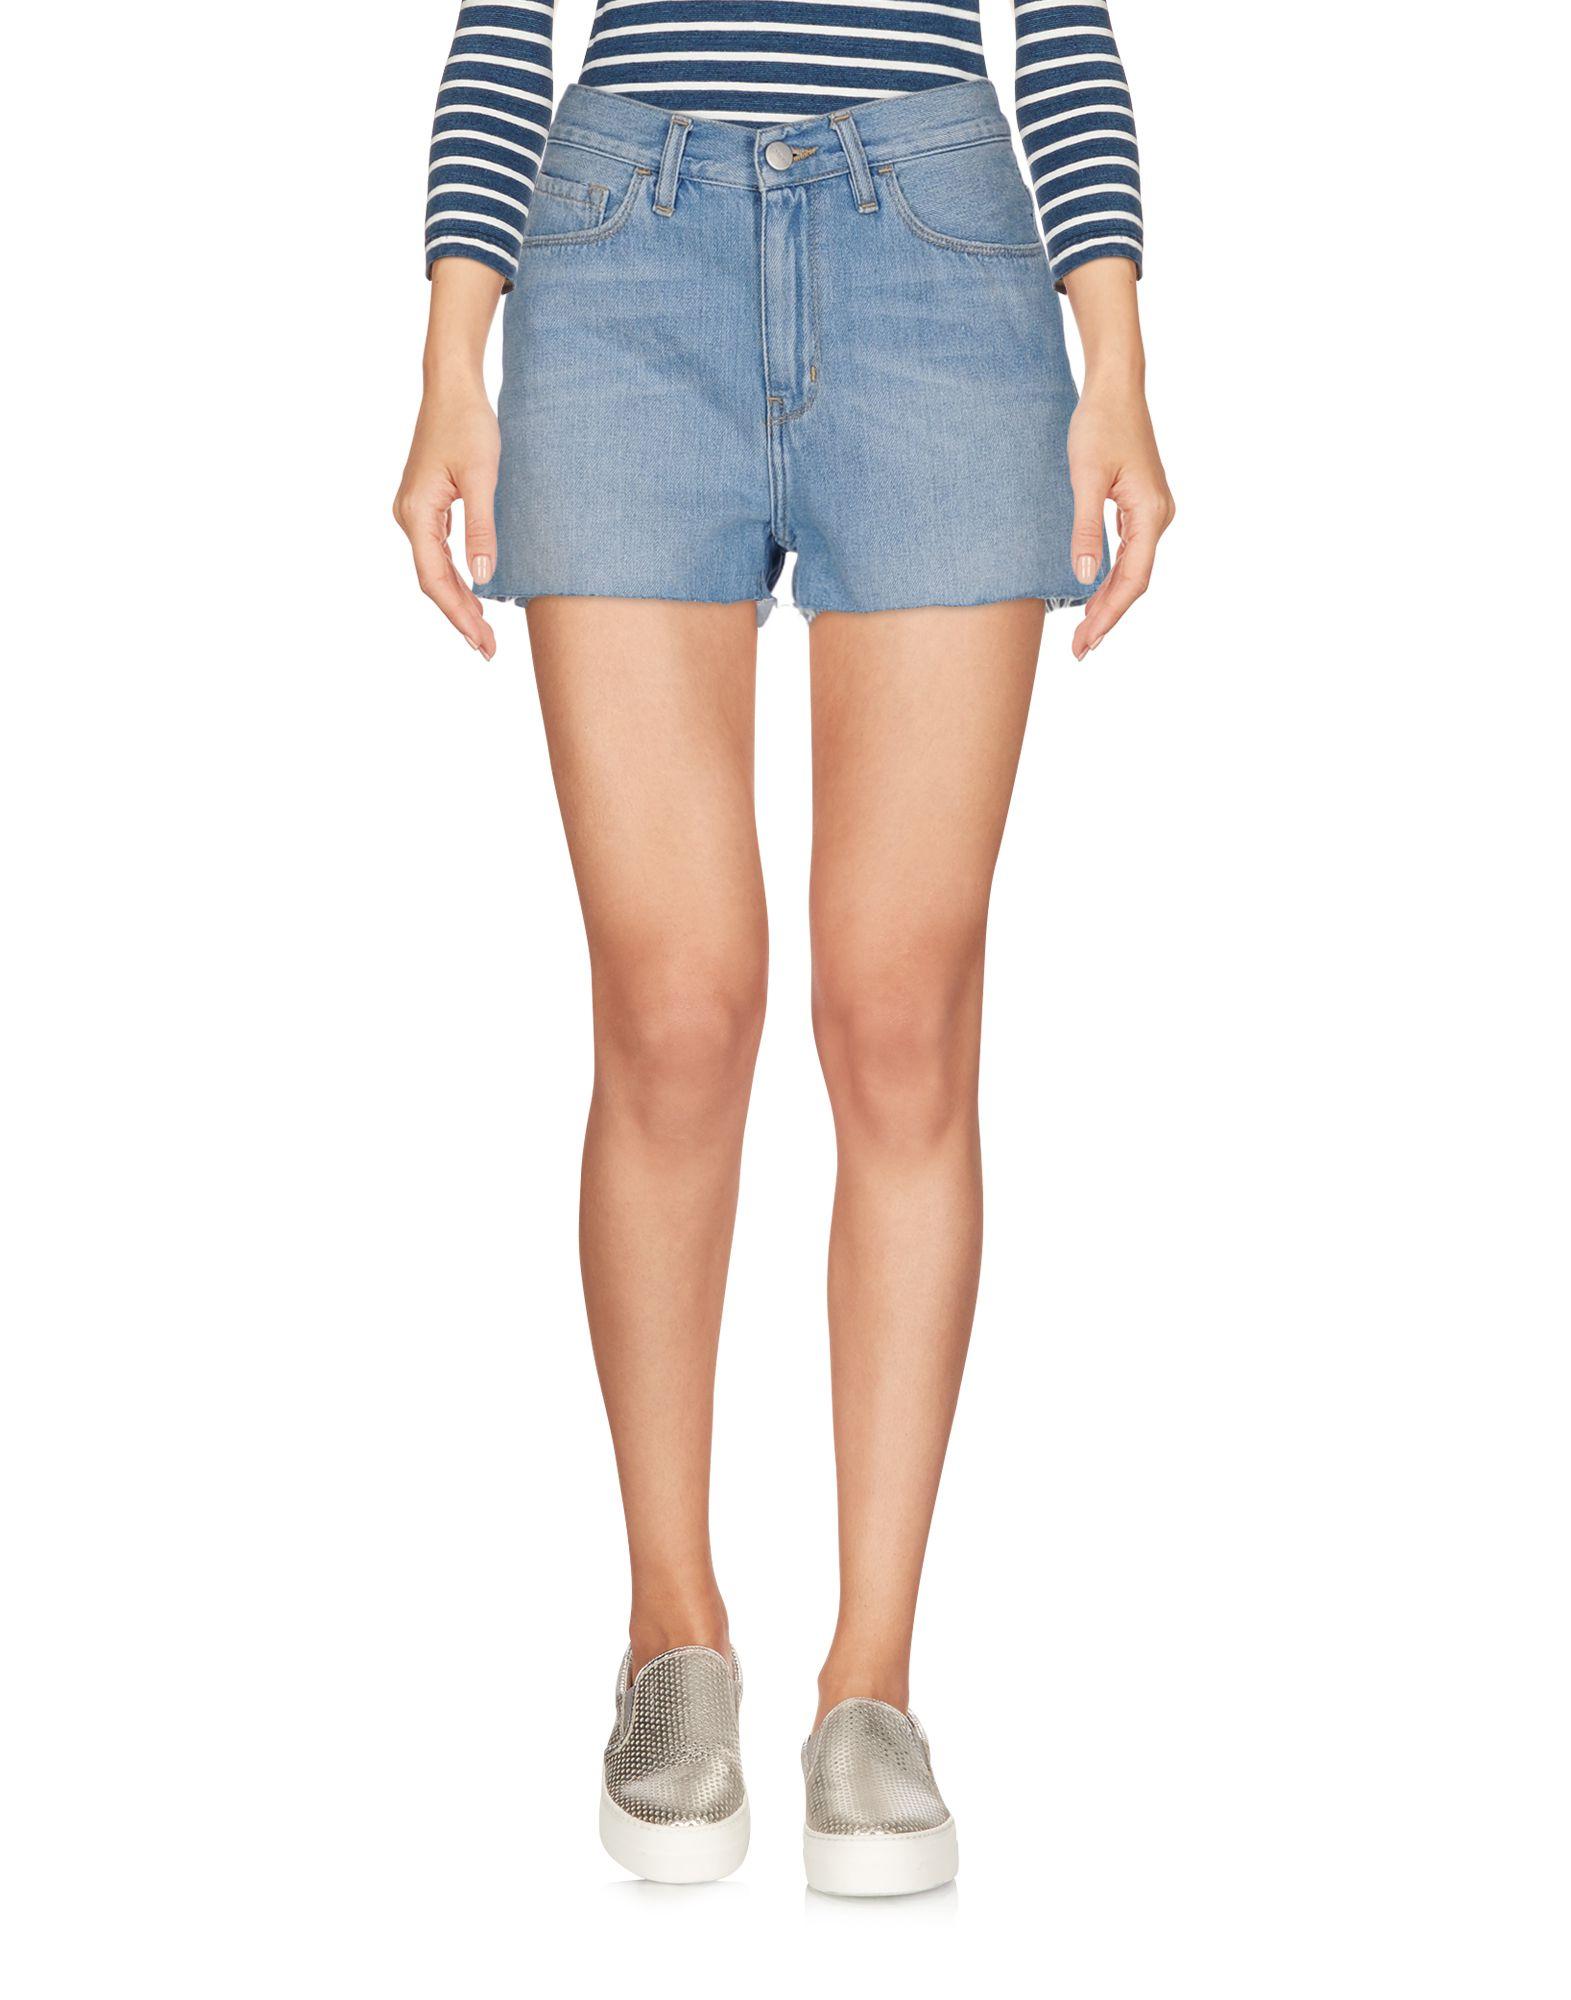 Shorts Jeans Carhartt donna donna donna - 42637431VF 9f4